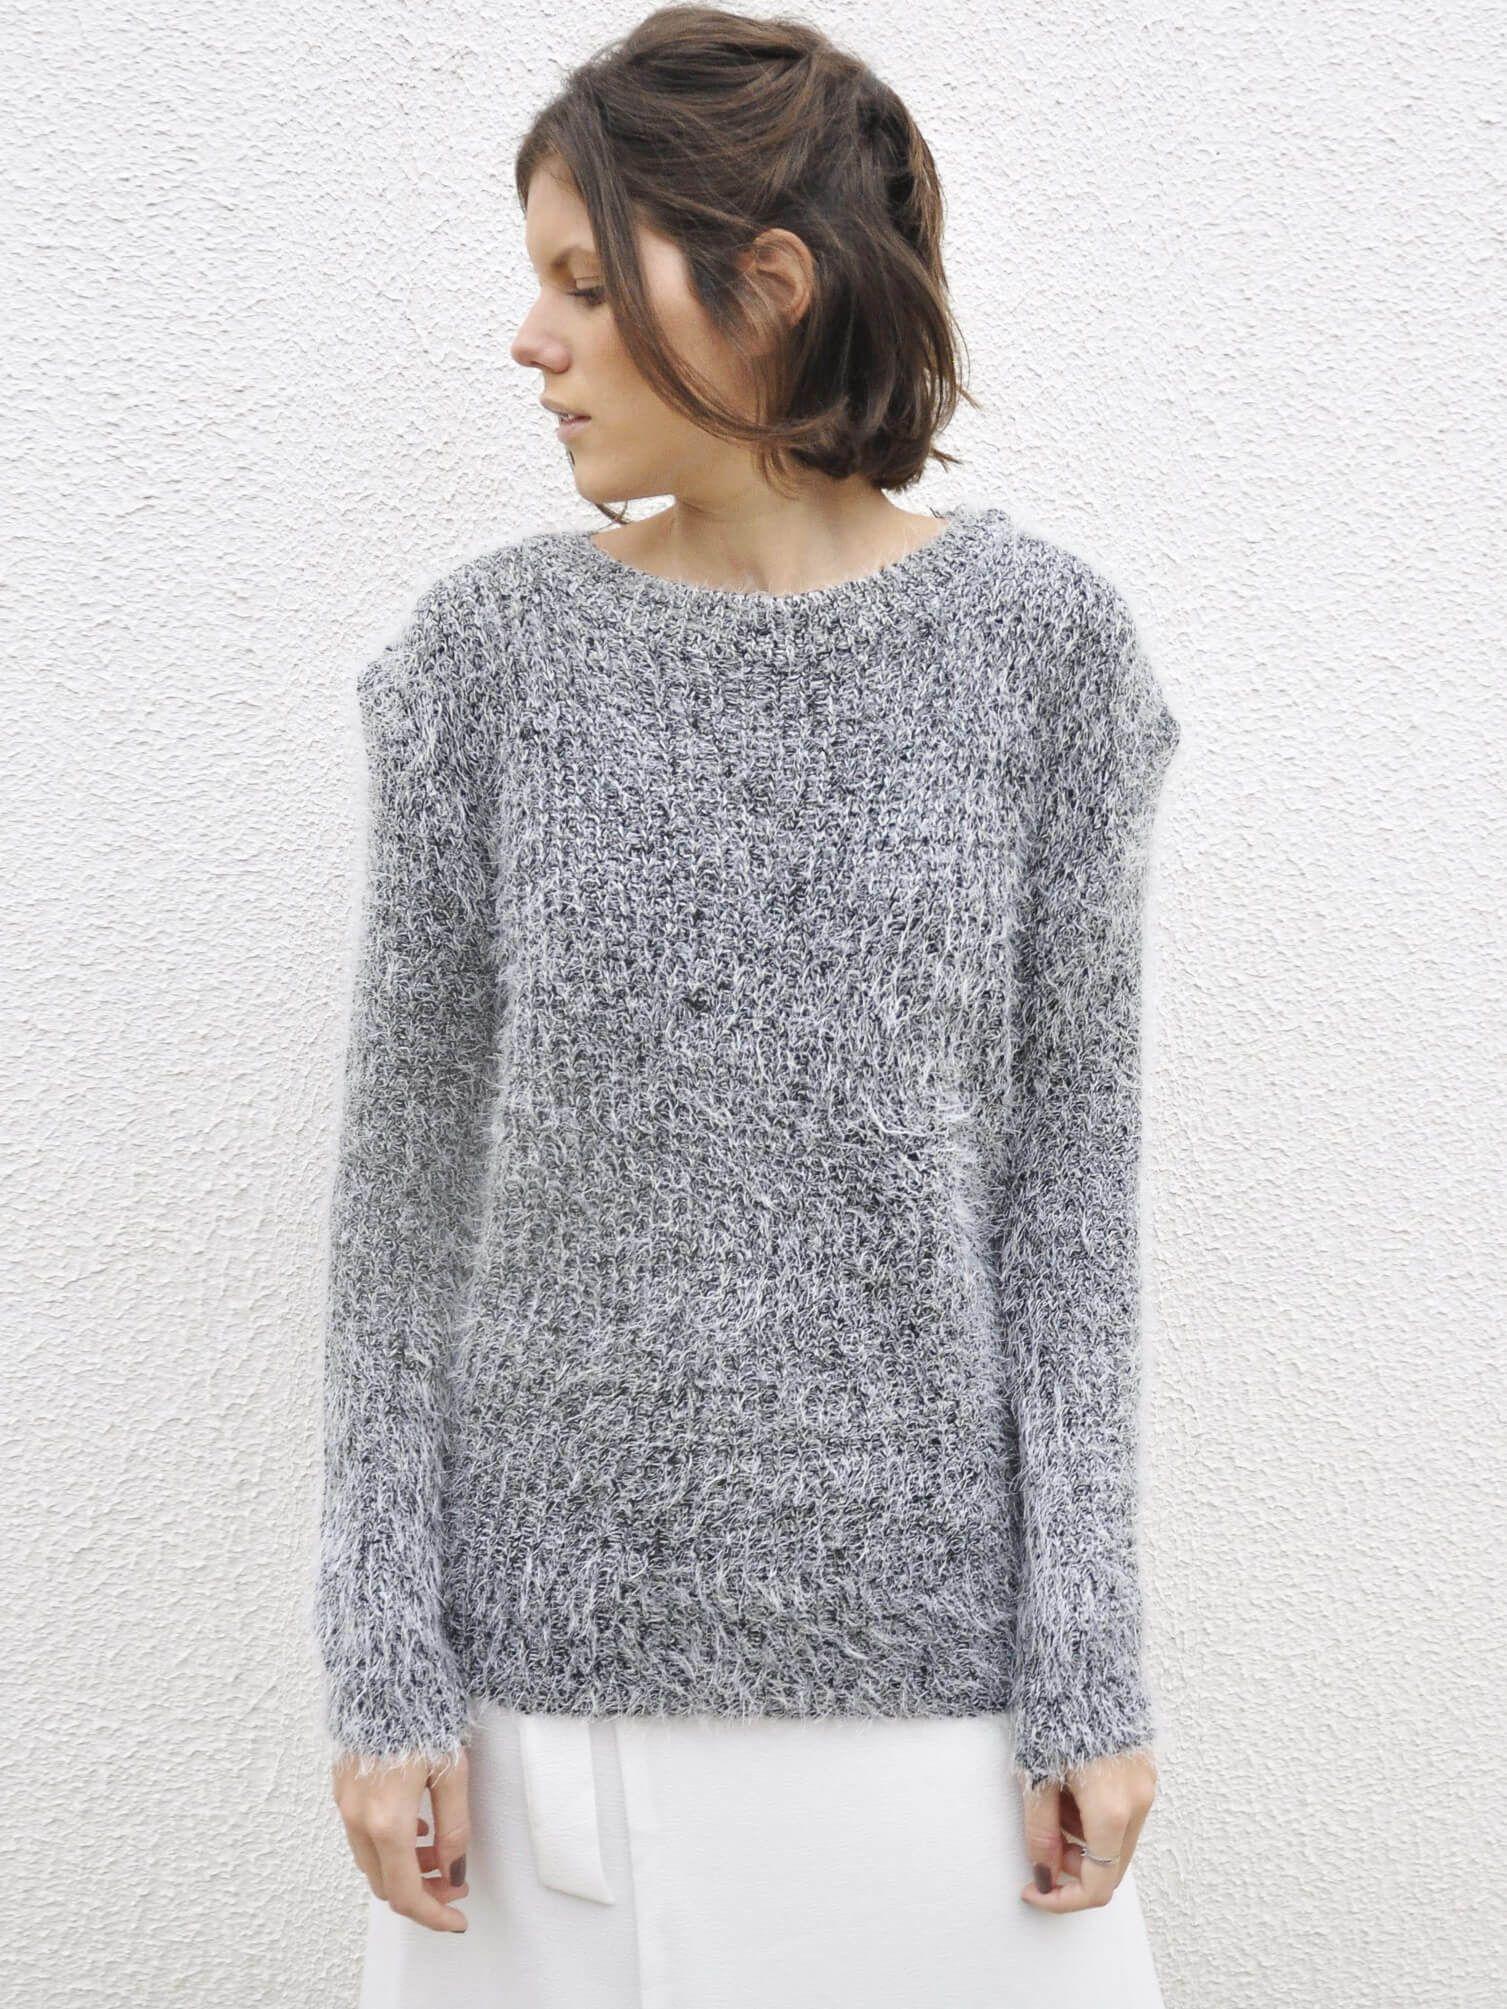 d7ed99920 Suéter Felpudo Simples - Blusa feito em acrílico macio e felpudo ...